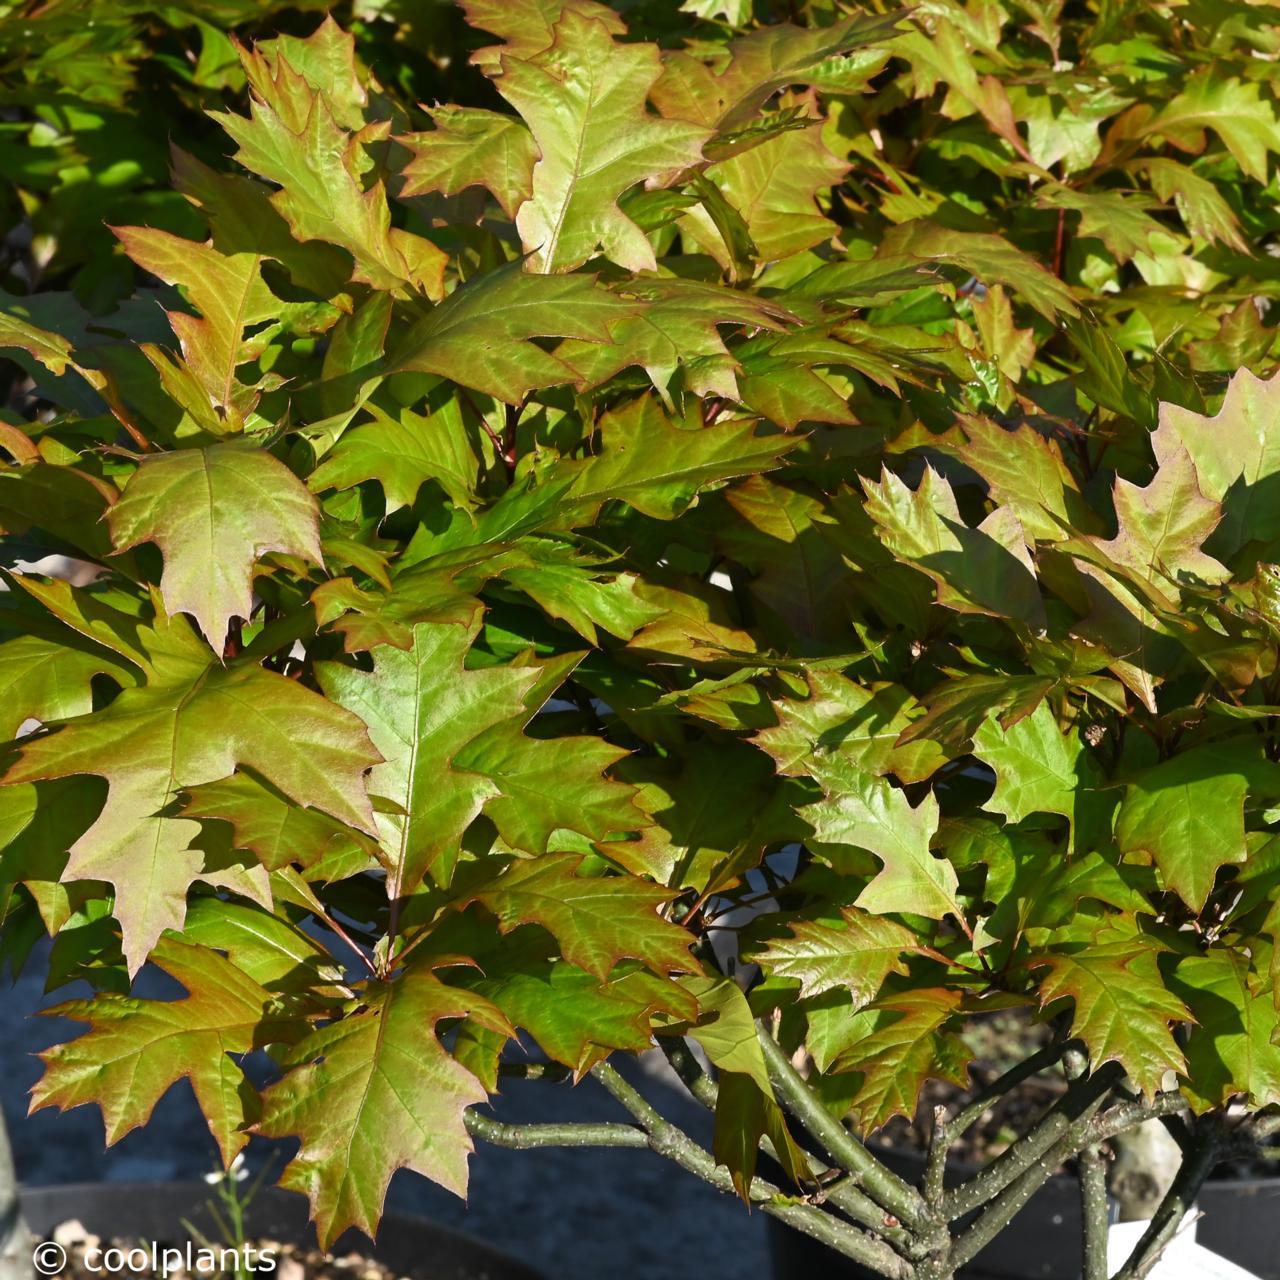 Quercus palustris 'Green Dwarf' plant